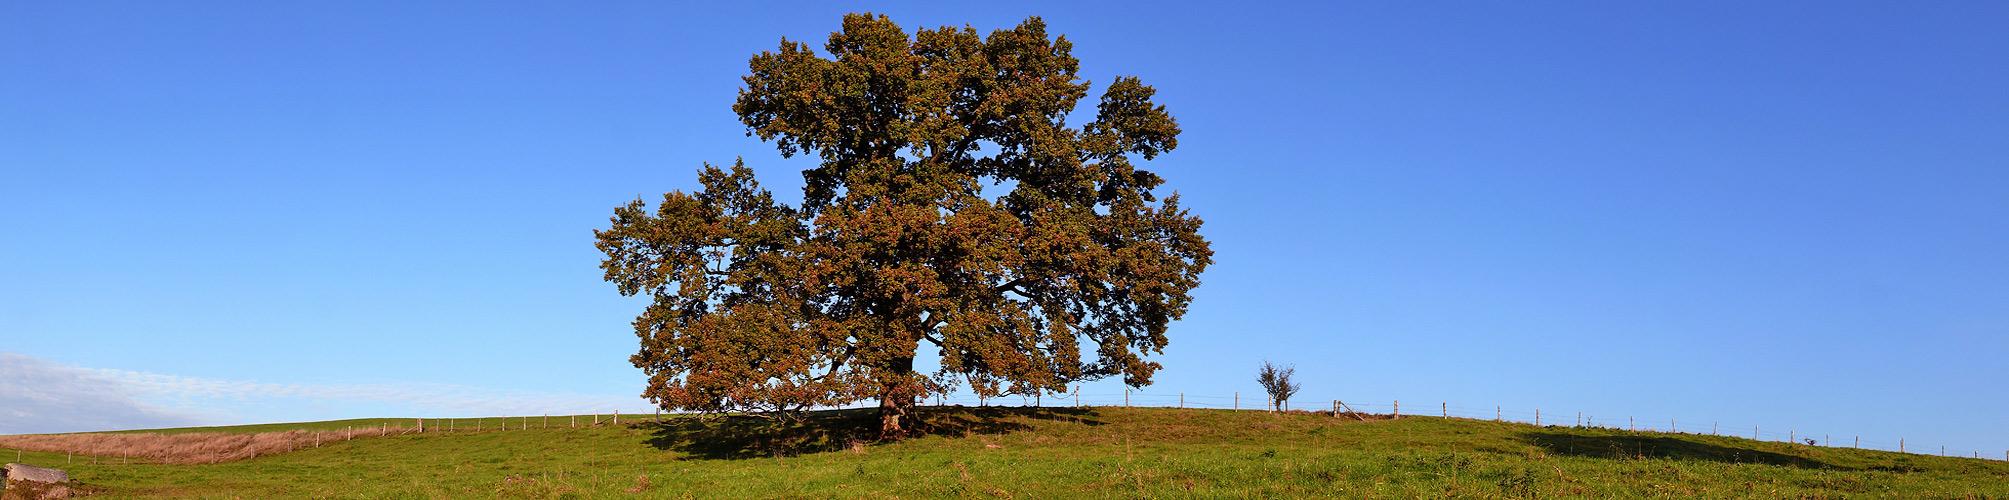 Stattliche Eiche im Herbstgewand